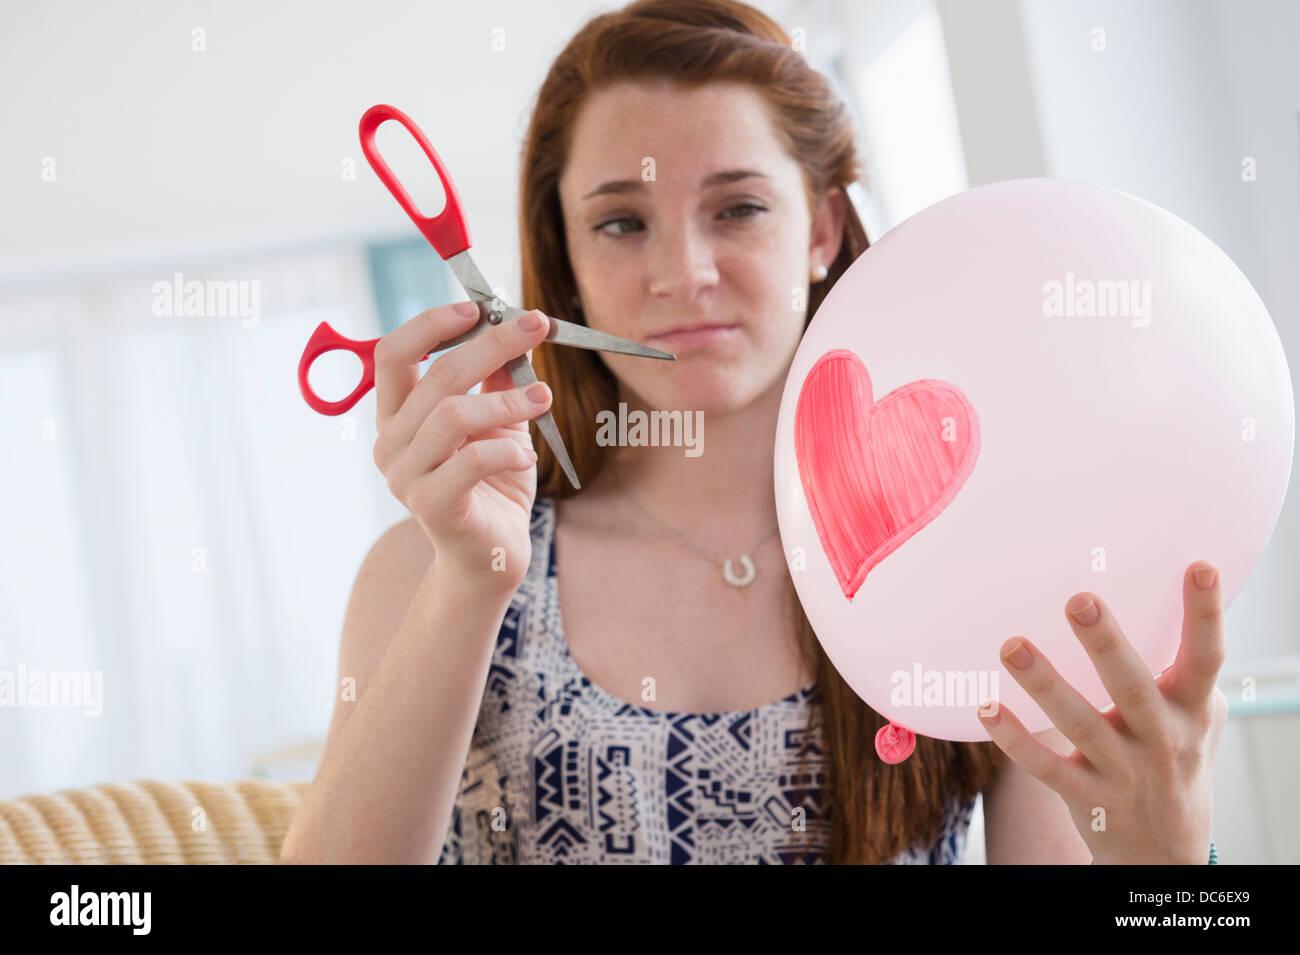 Adolescente (14-15) que sujetan el globo y tijeras Imagen De Stock